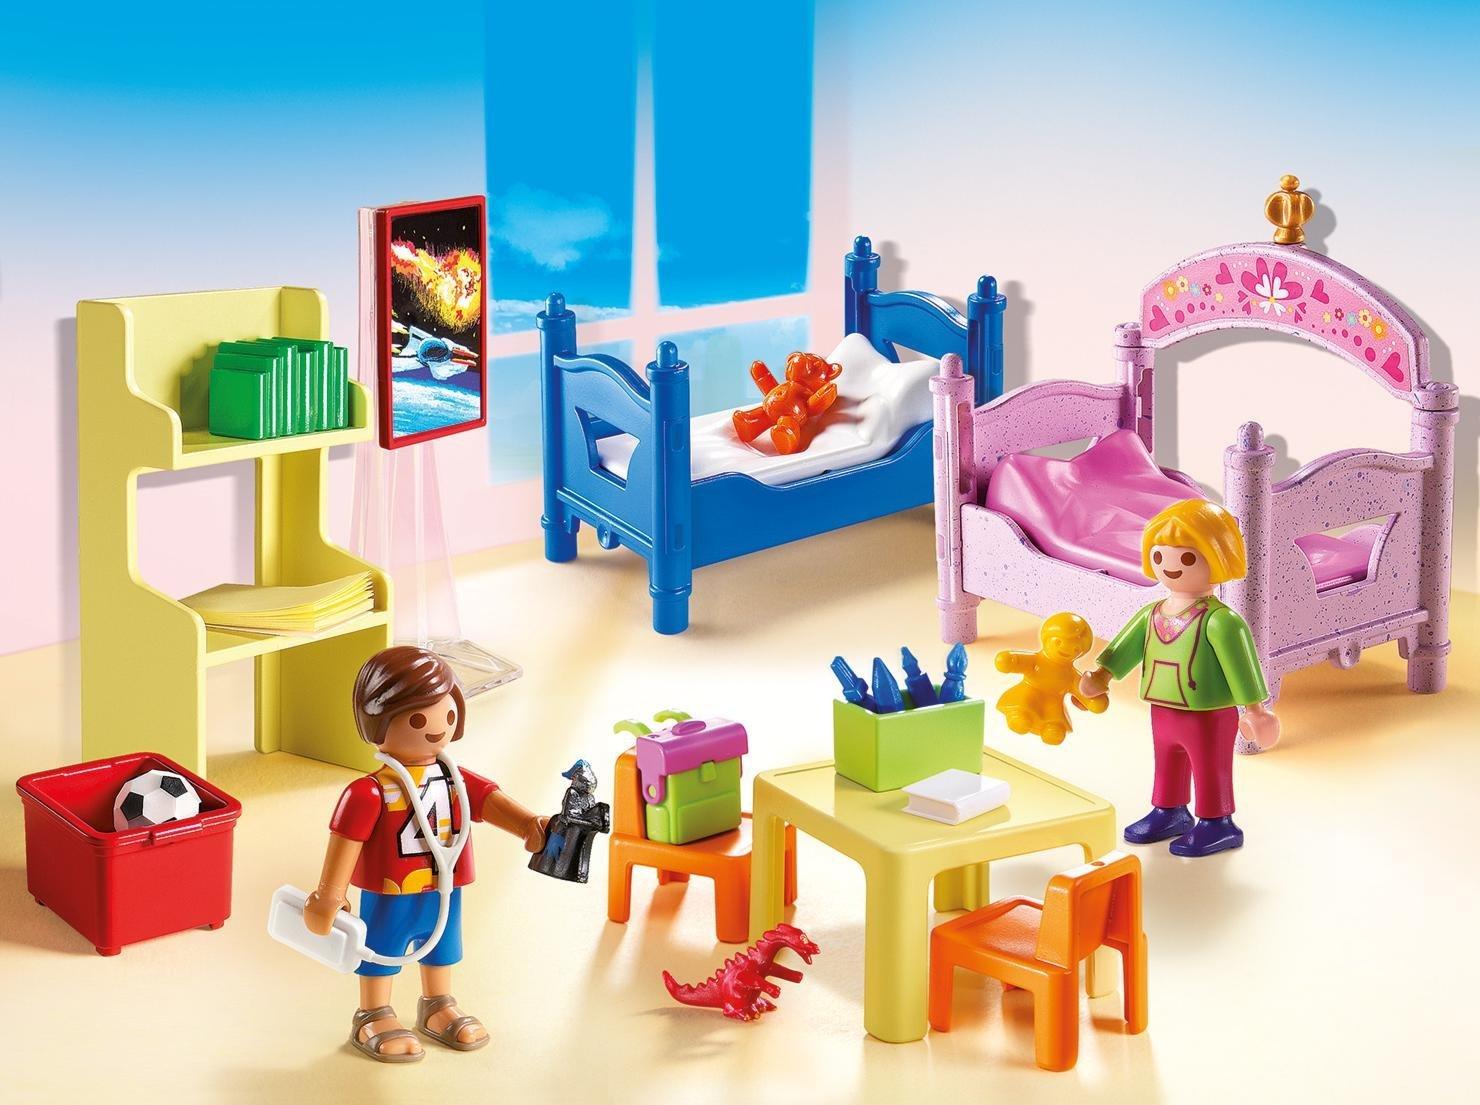 Купить Игровой набор из серии Кукольный дом: Детская комната для 2-х детей, Playmobil